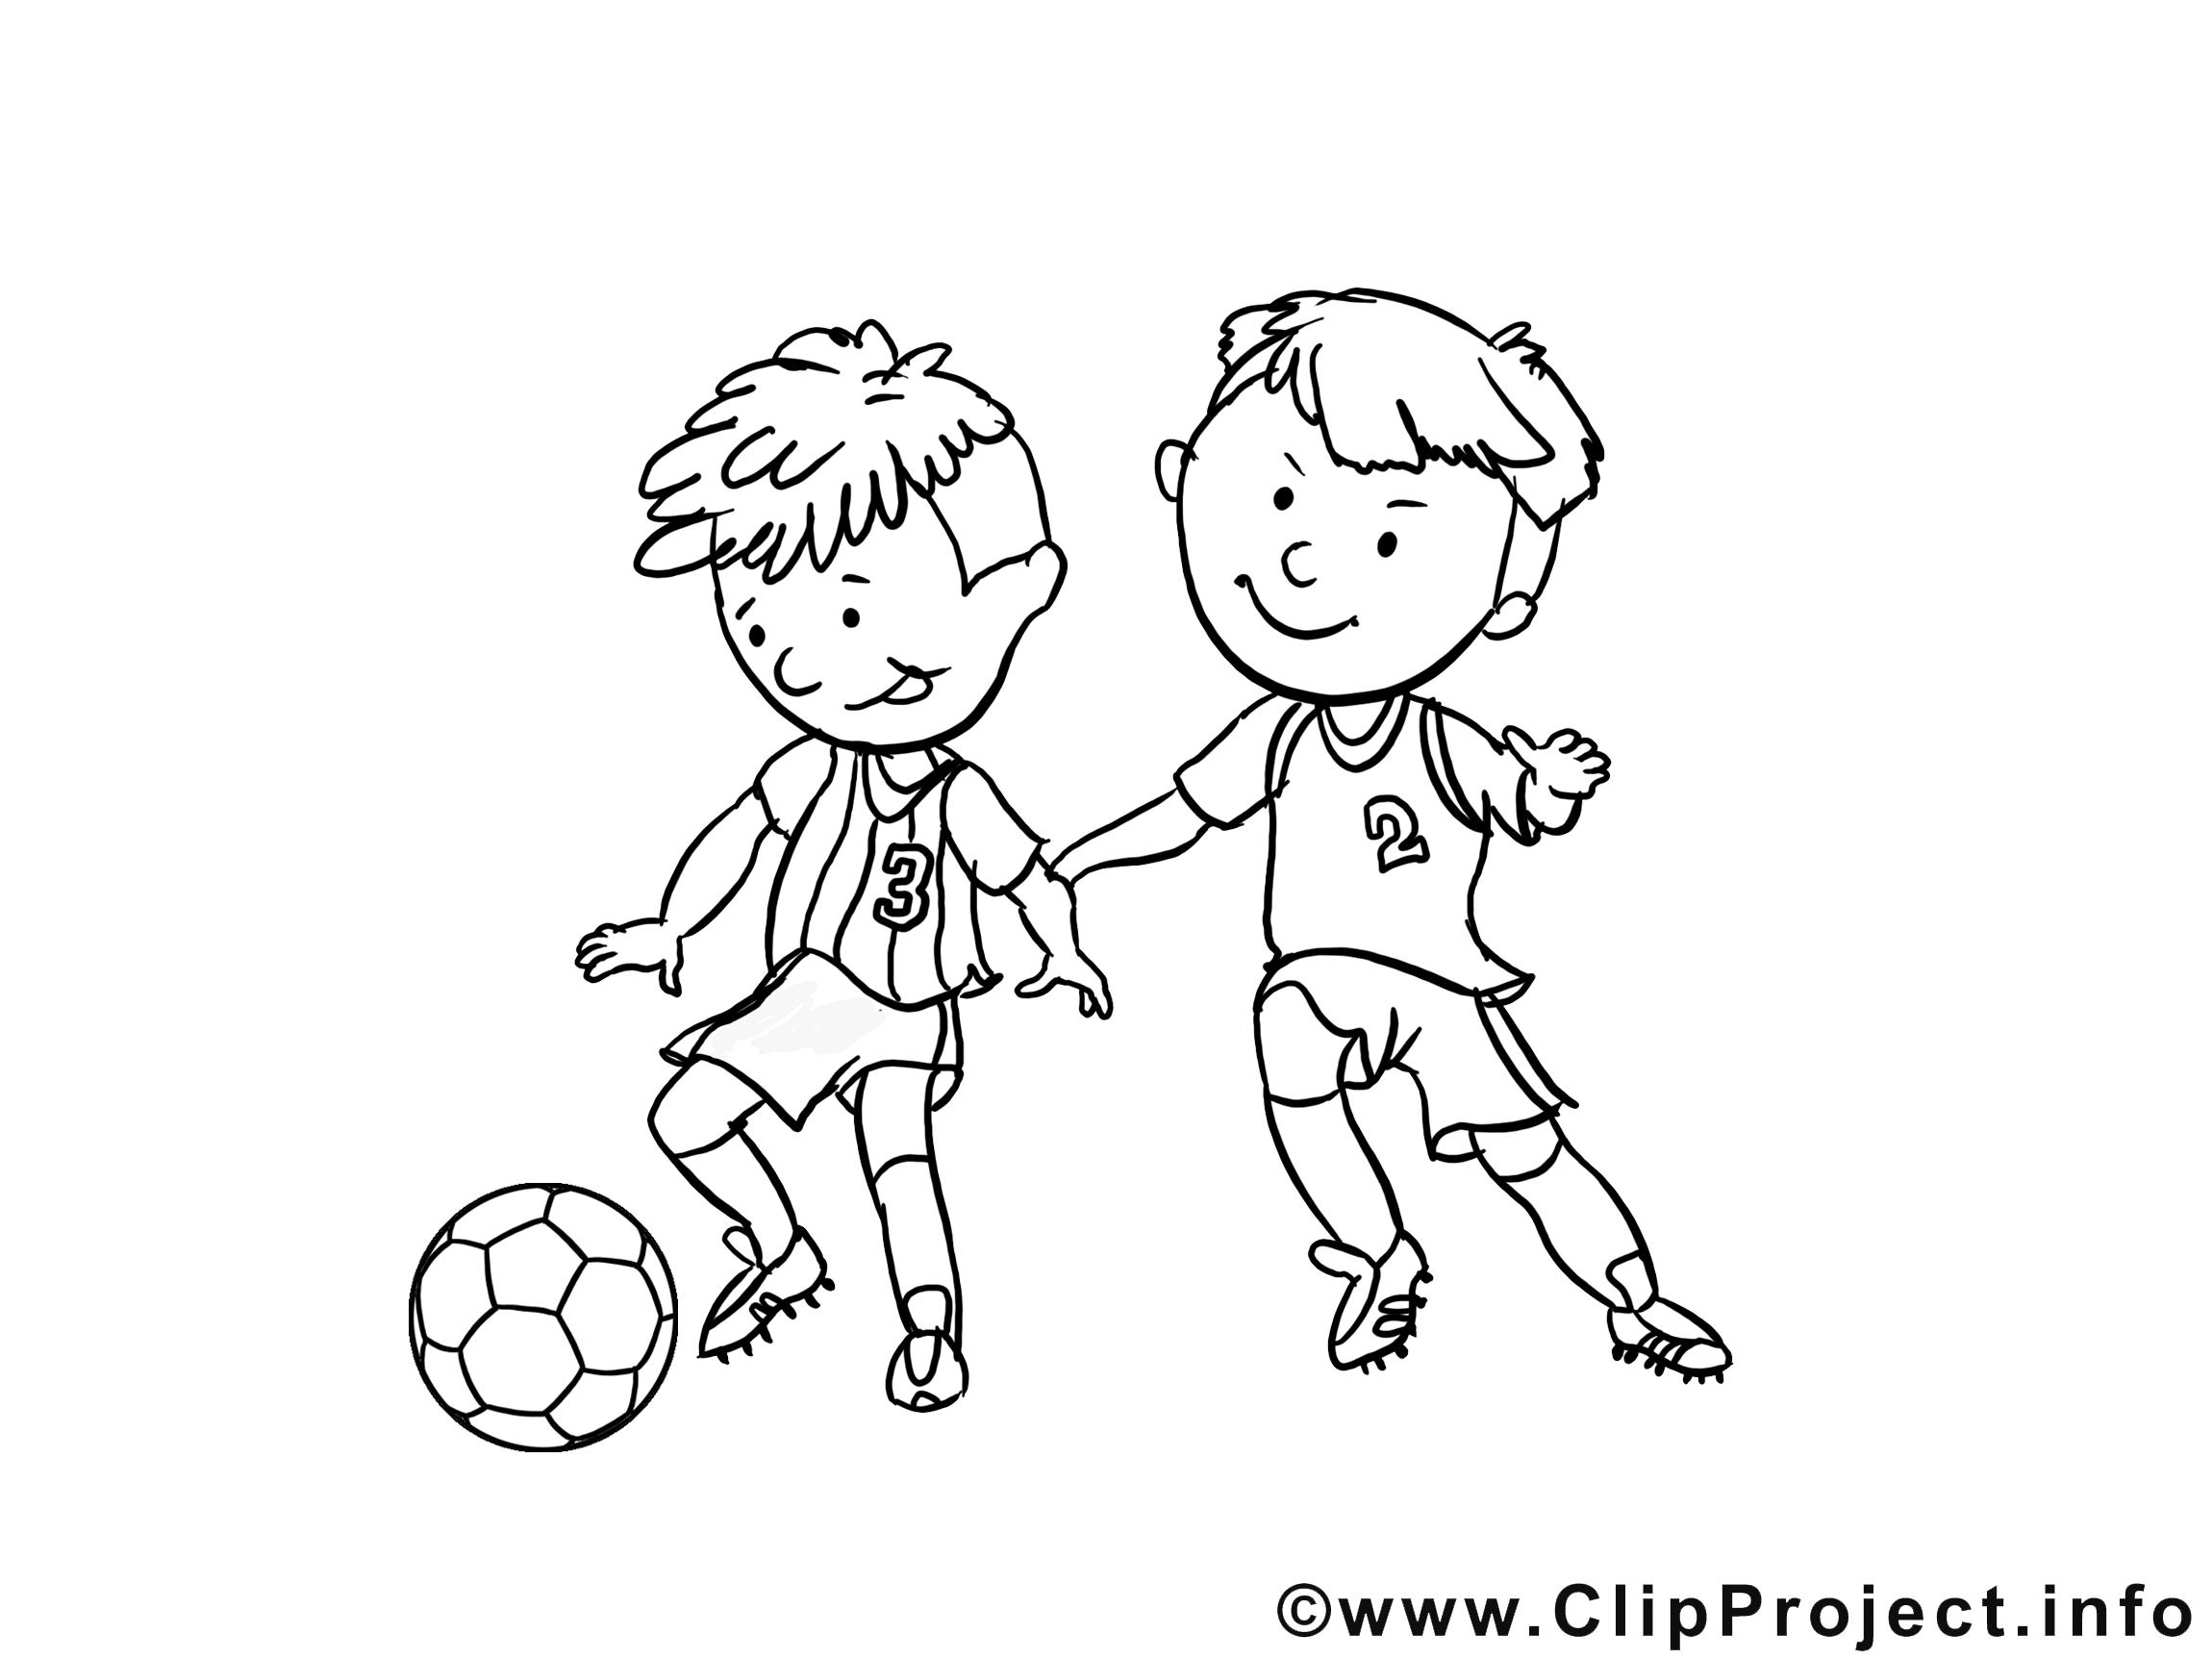 Coloriage football image à télécharger